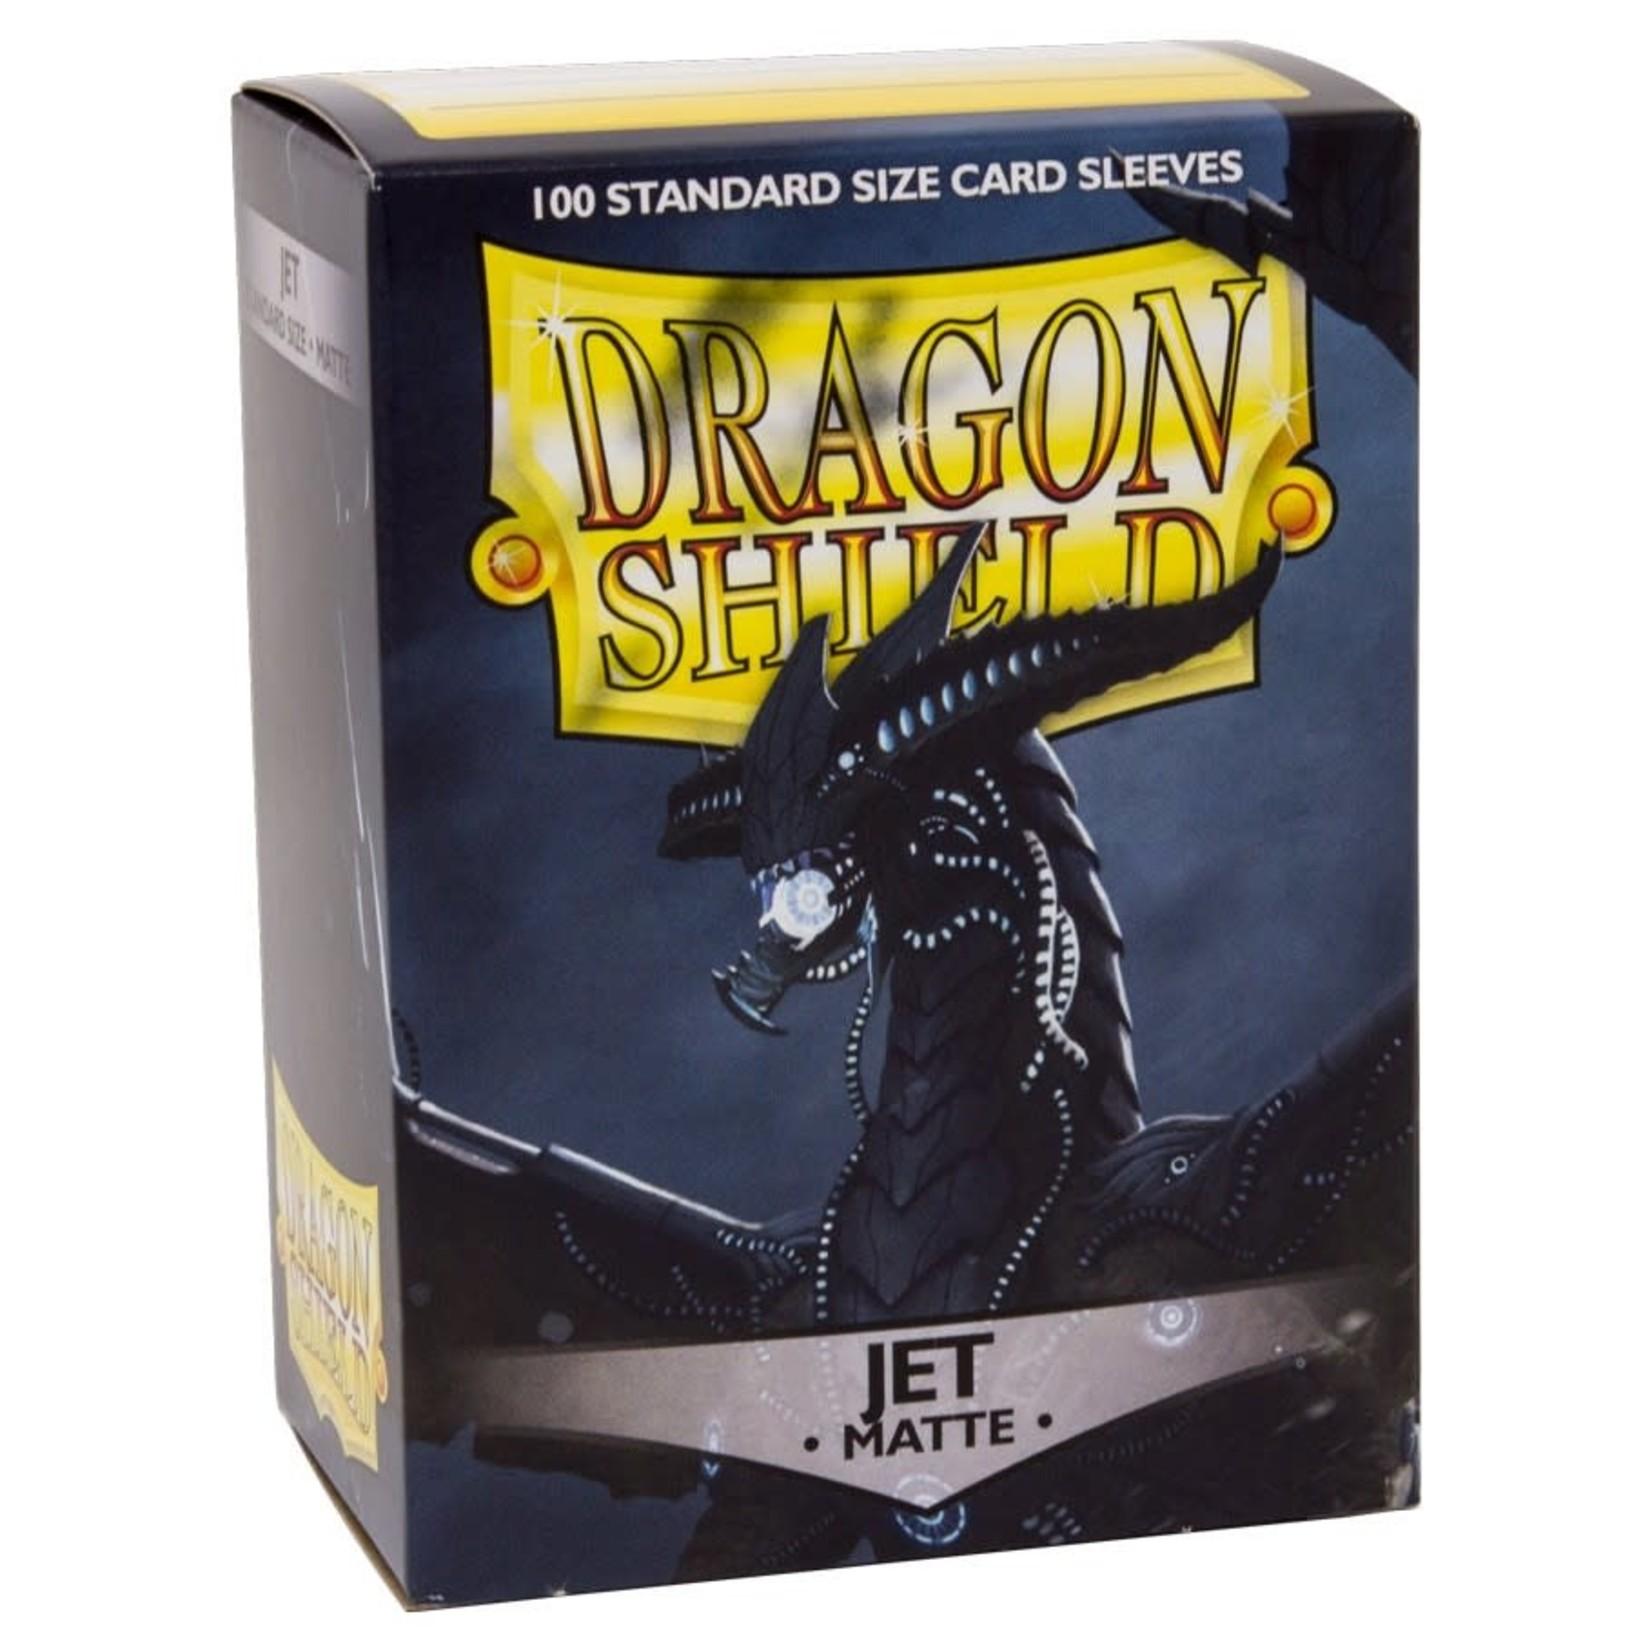 Dragon Shield Dragon Shield Matte Jet Card Sleeves (100)